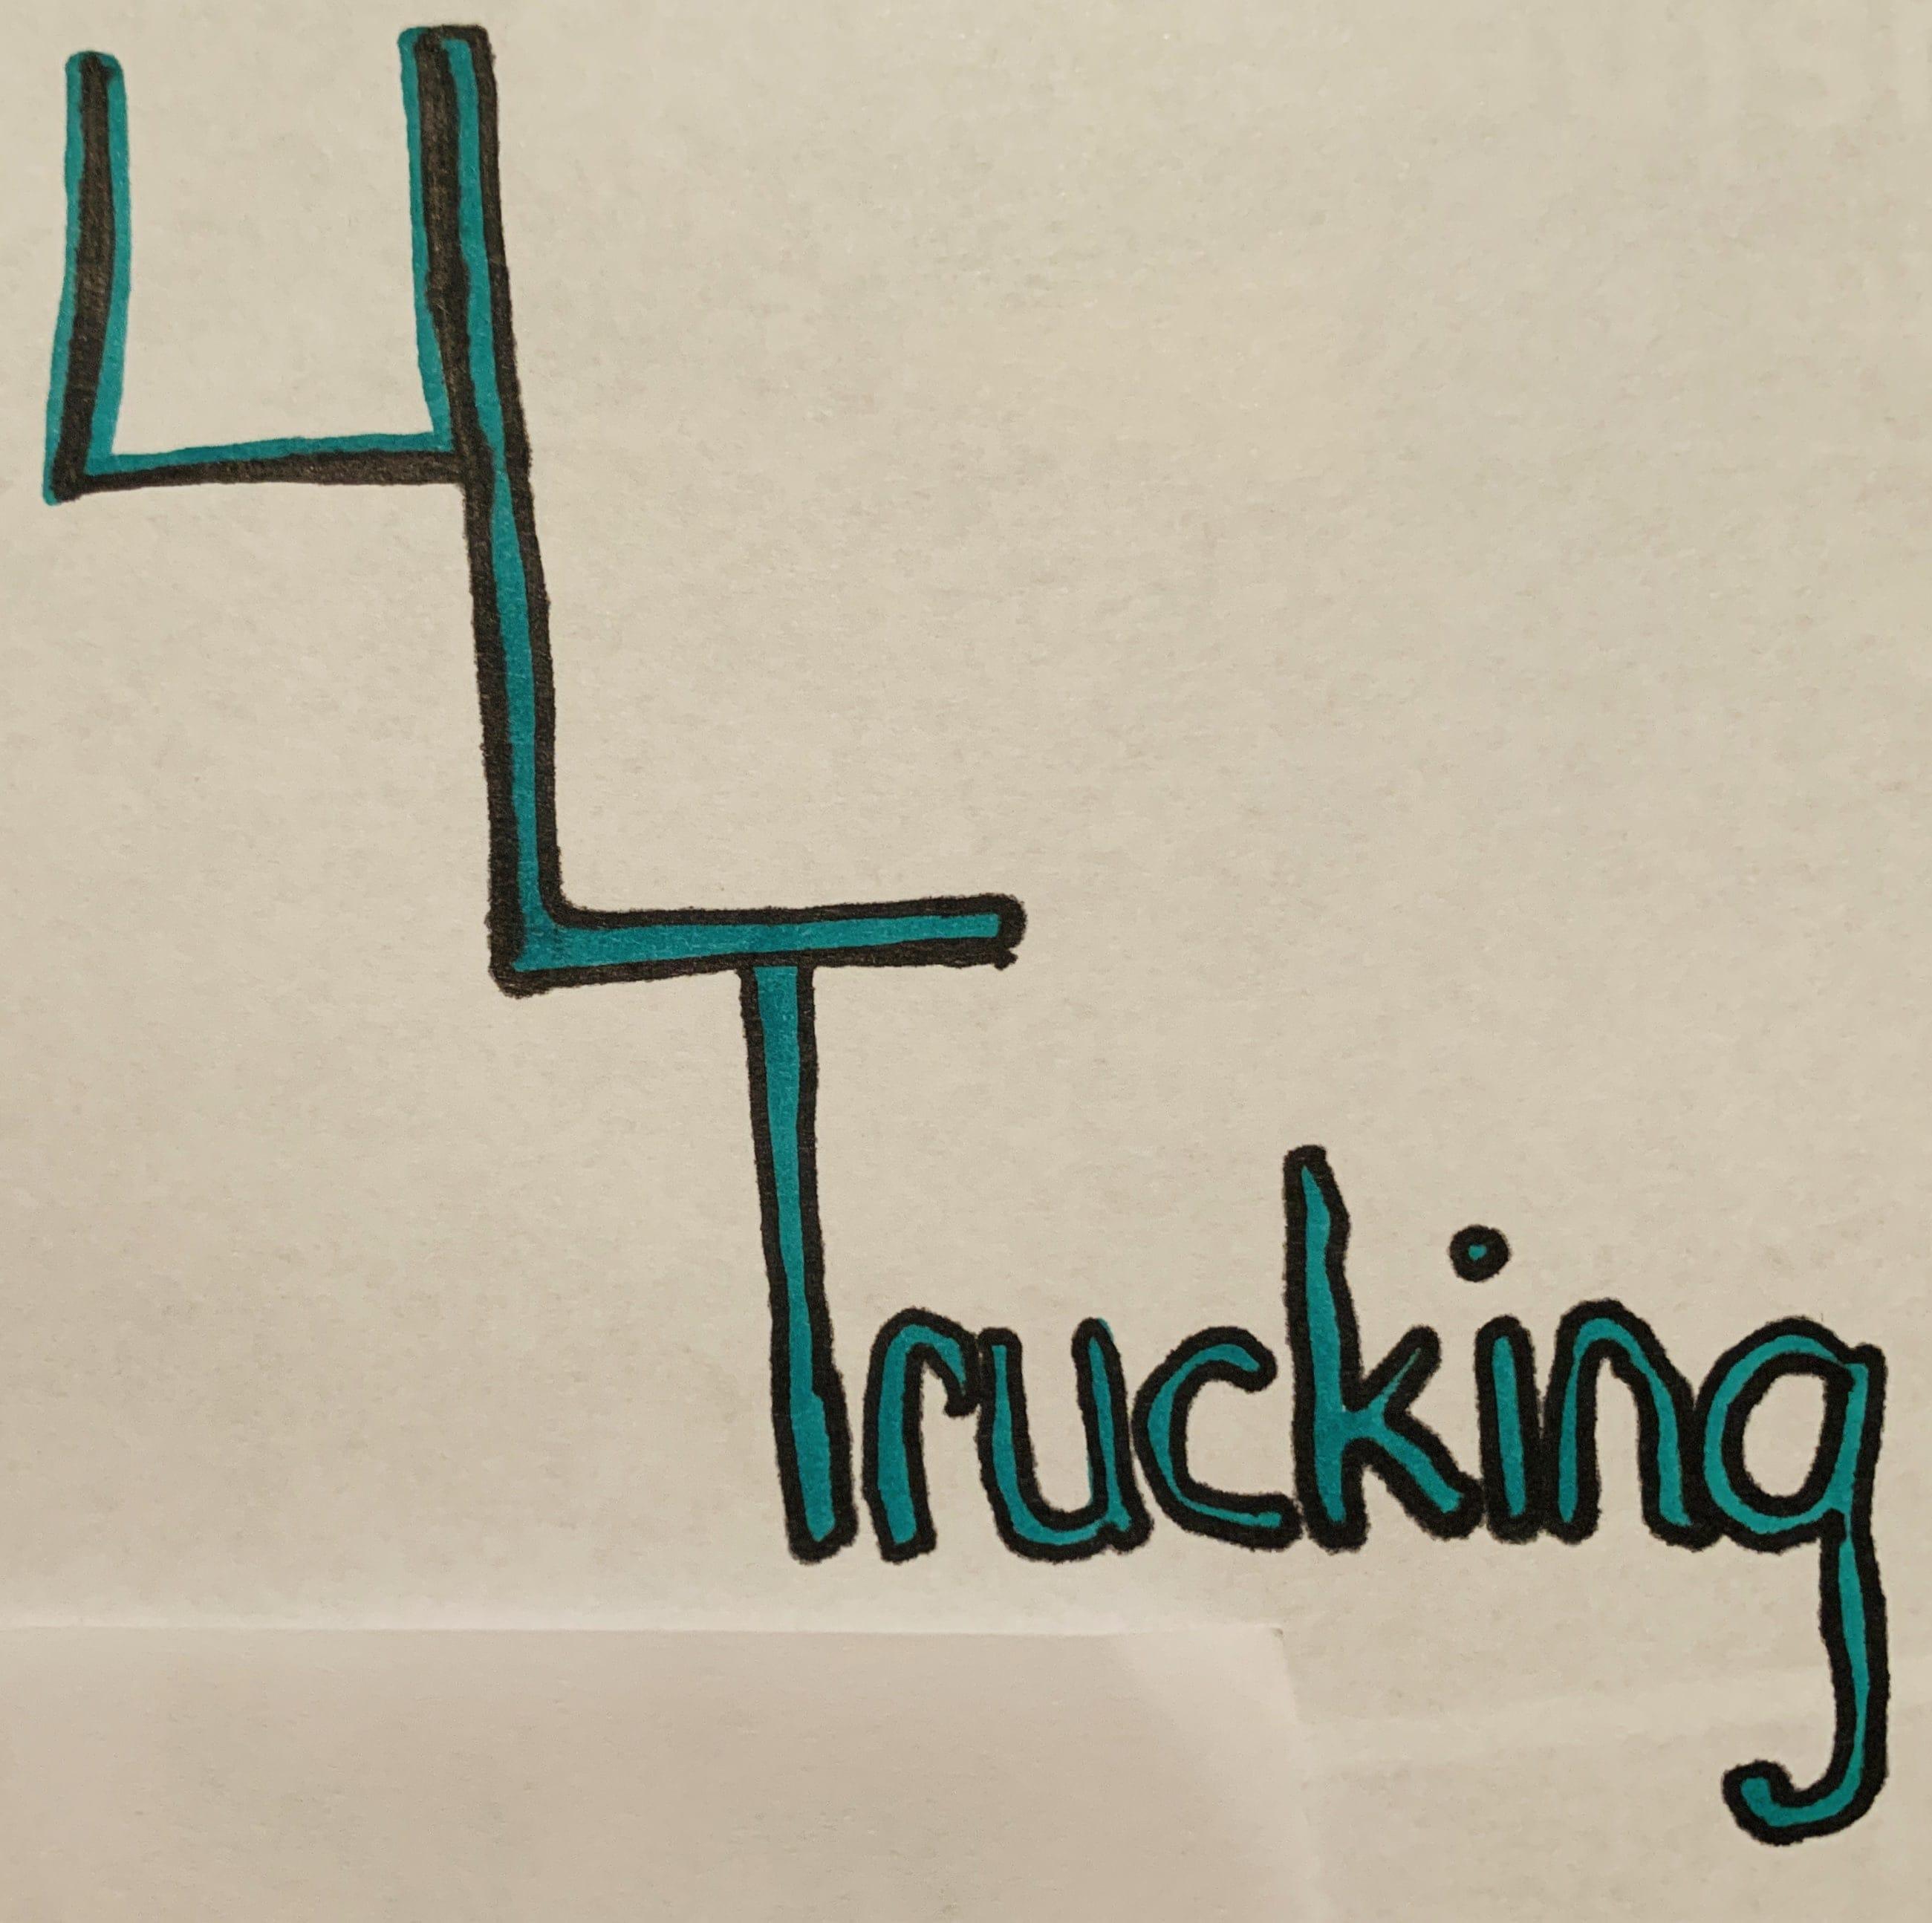 4L's Trucking